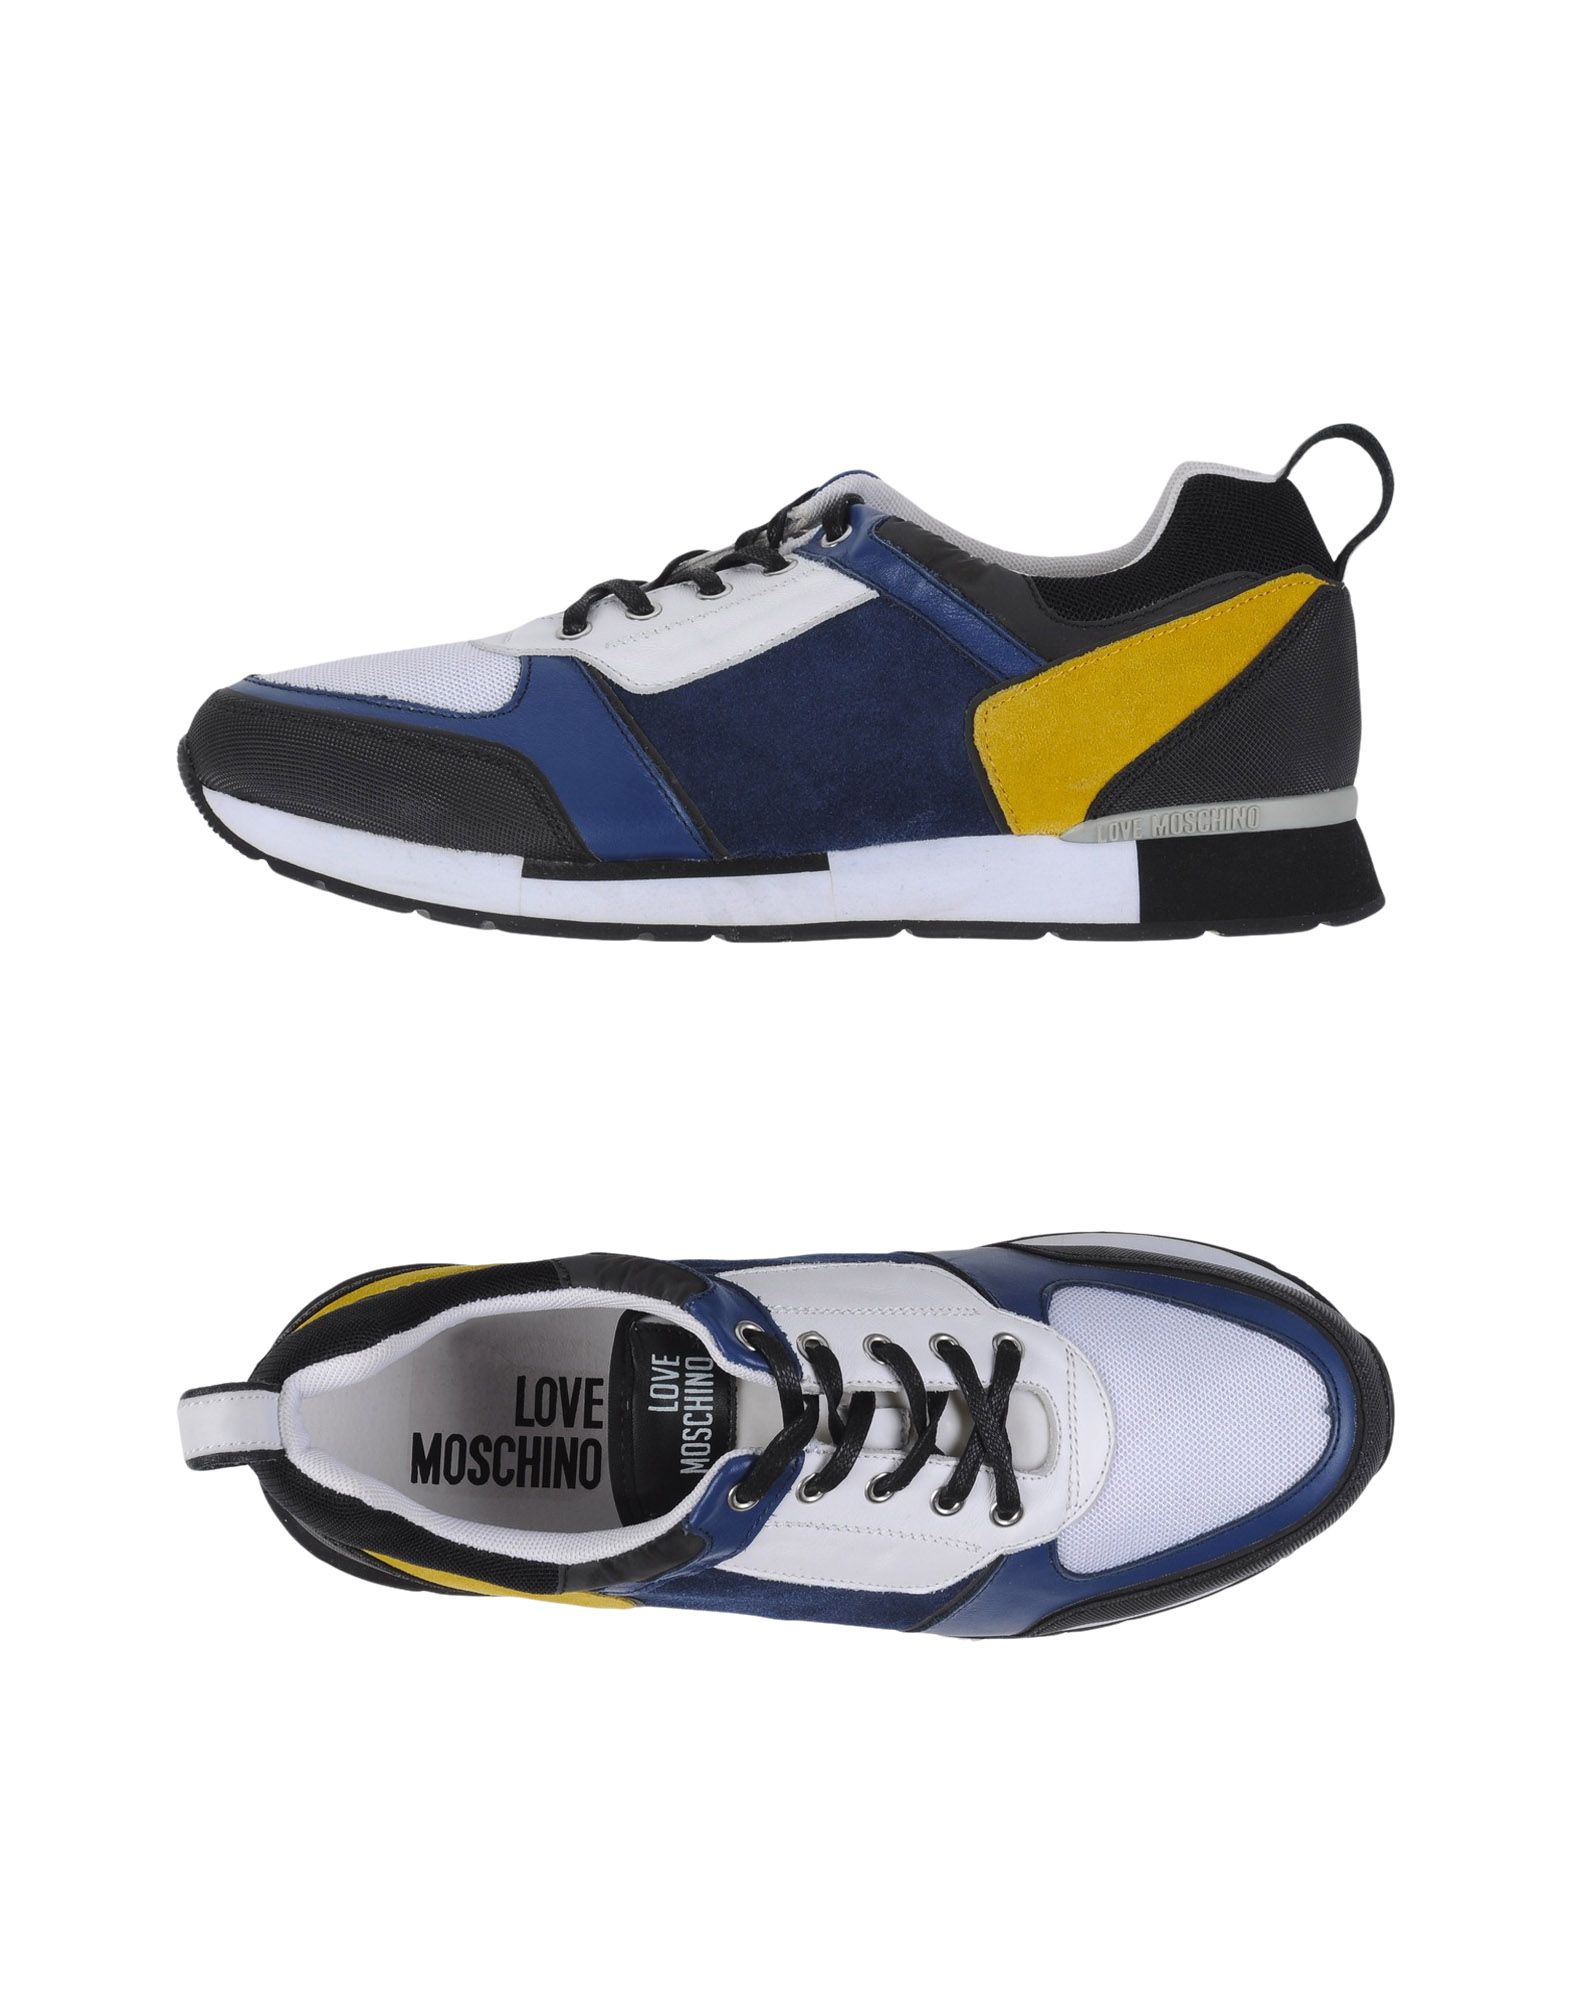 Love Moschino  Sneakers Herren  Moschino 11181574DP 3e3ae4